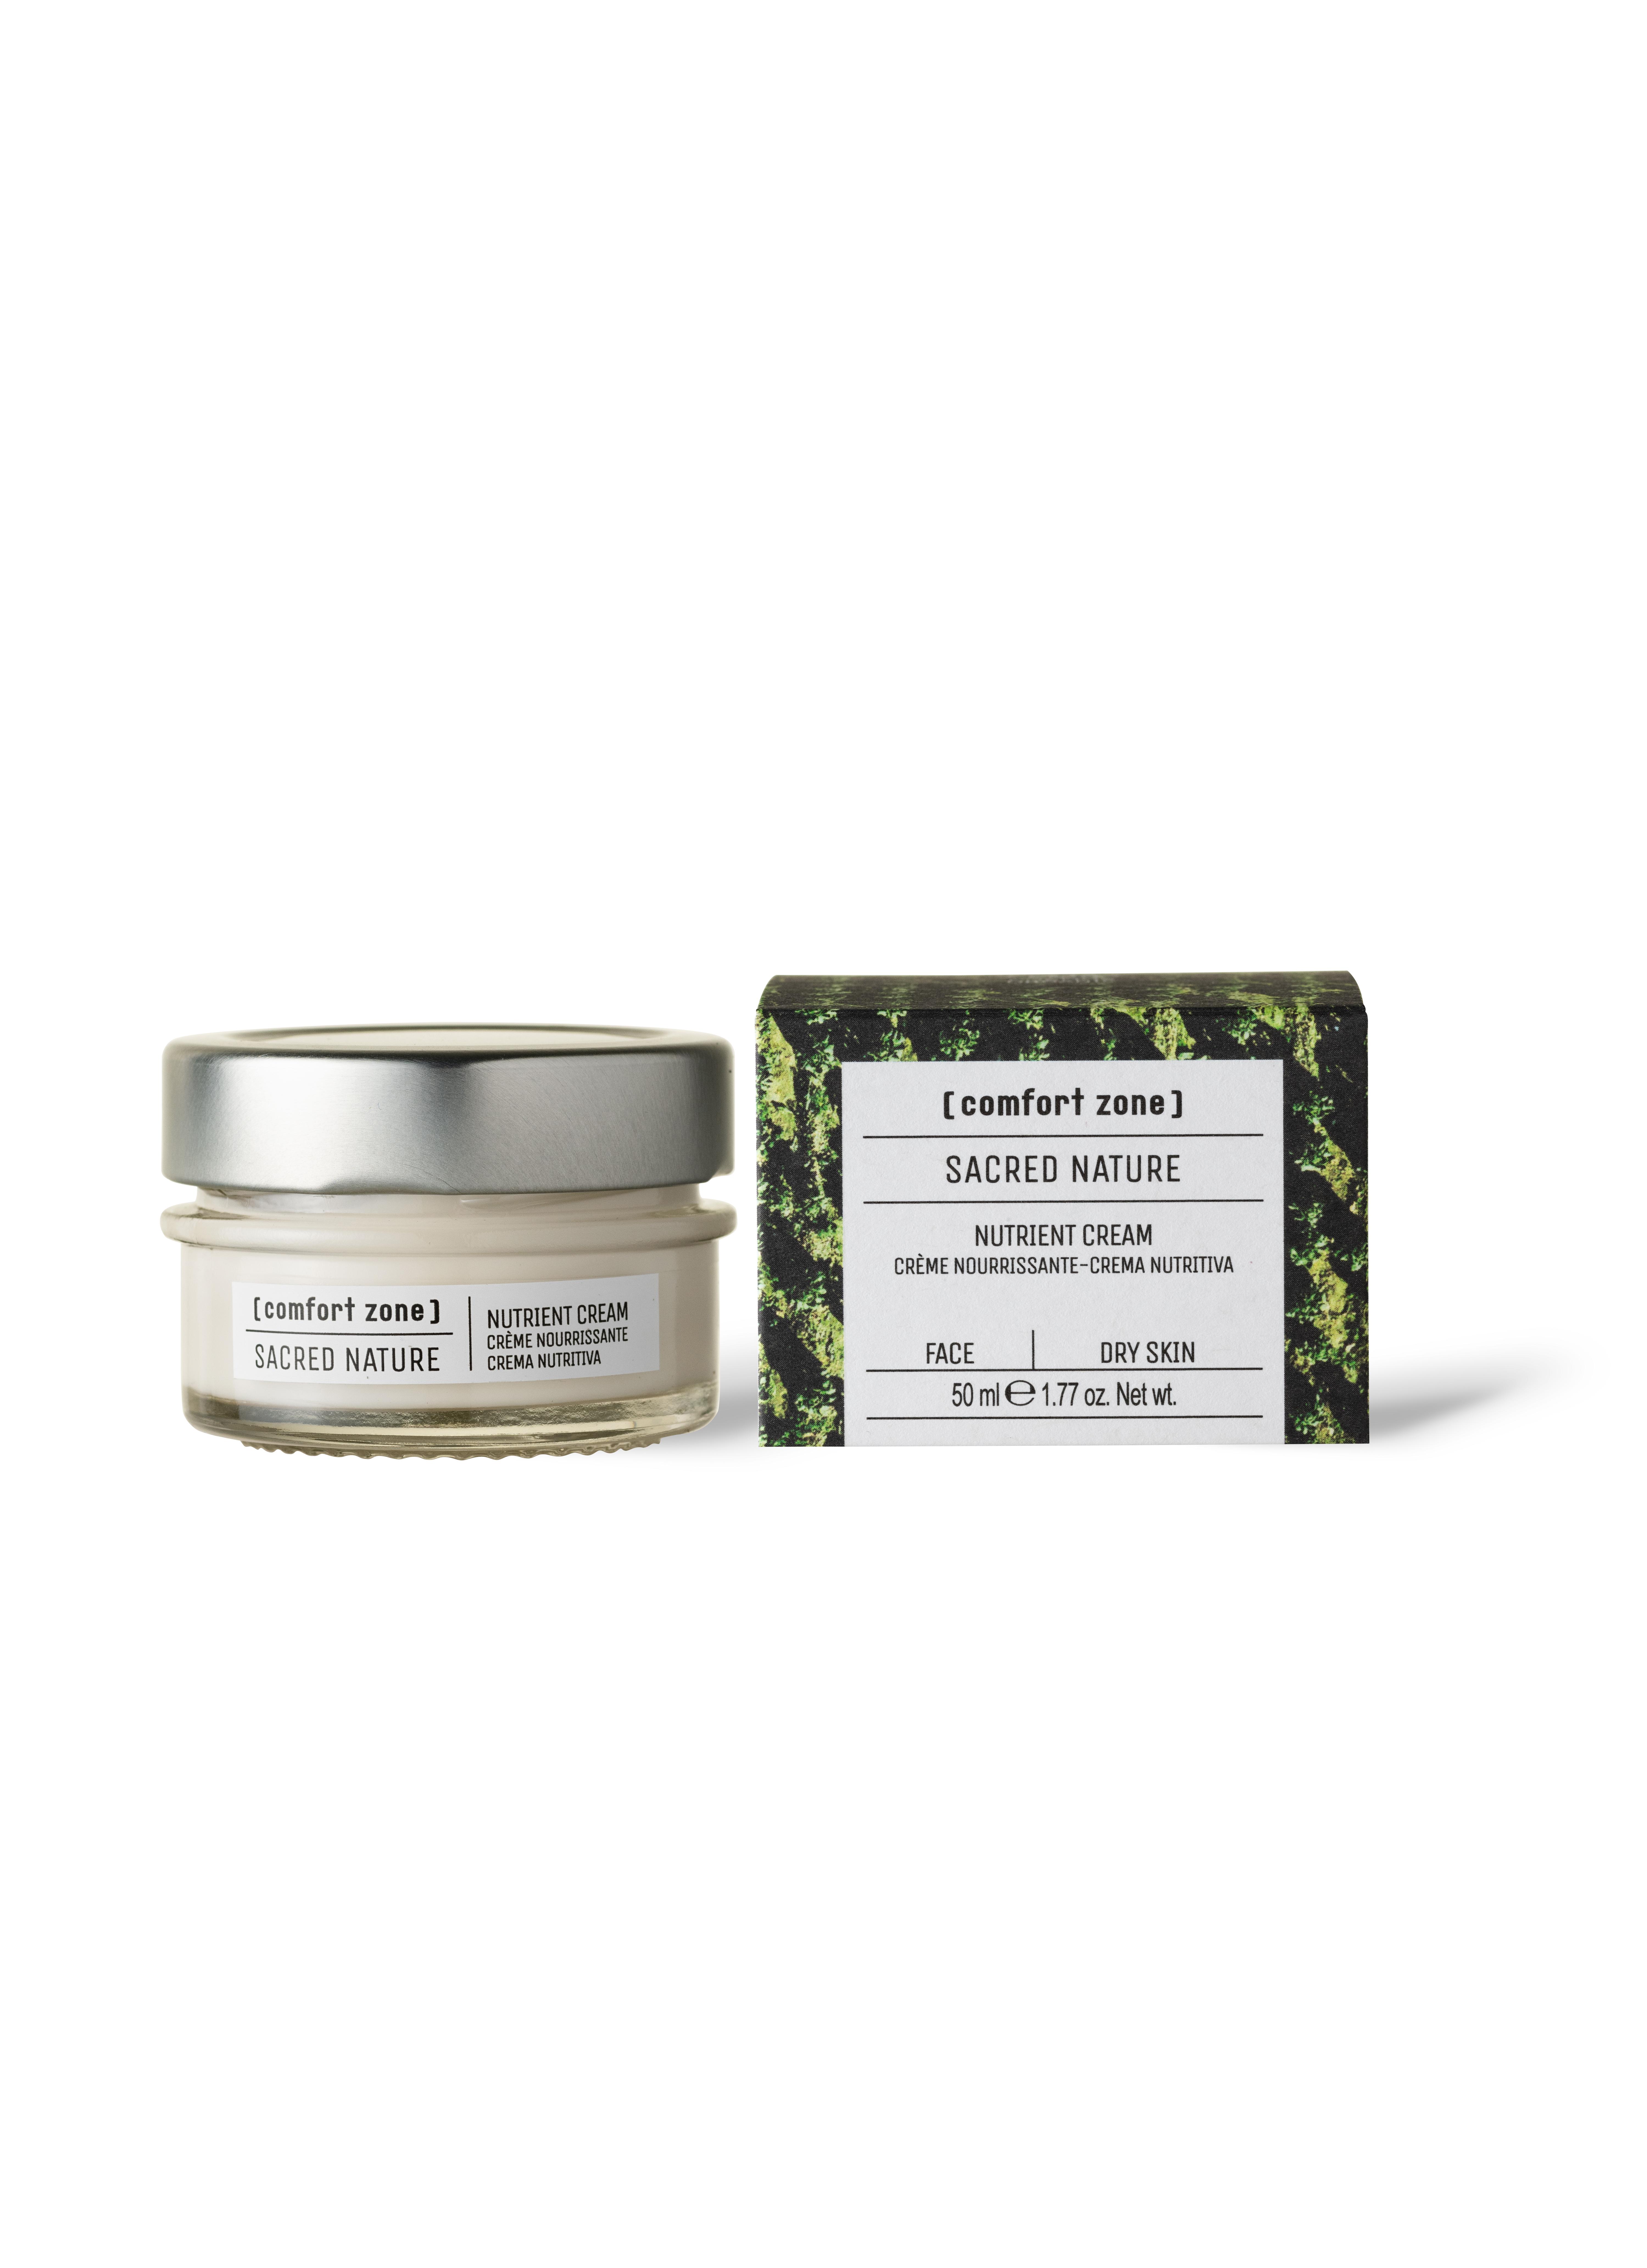 Comfort Sacred Nature Nutrient Cream